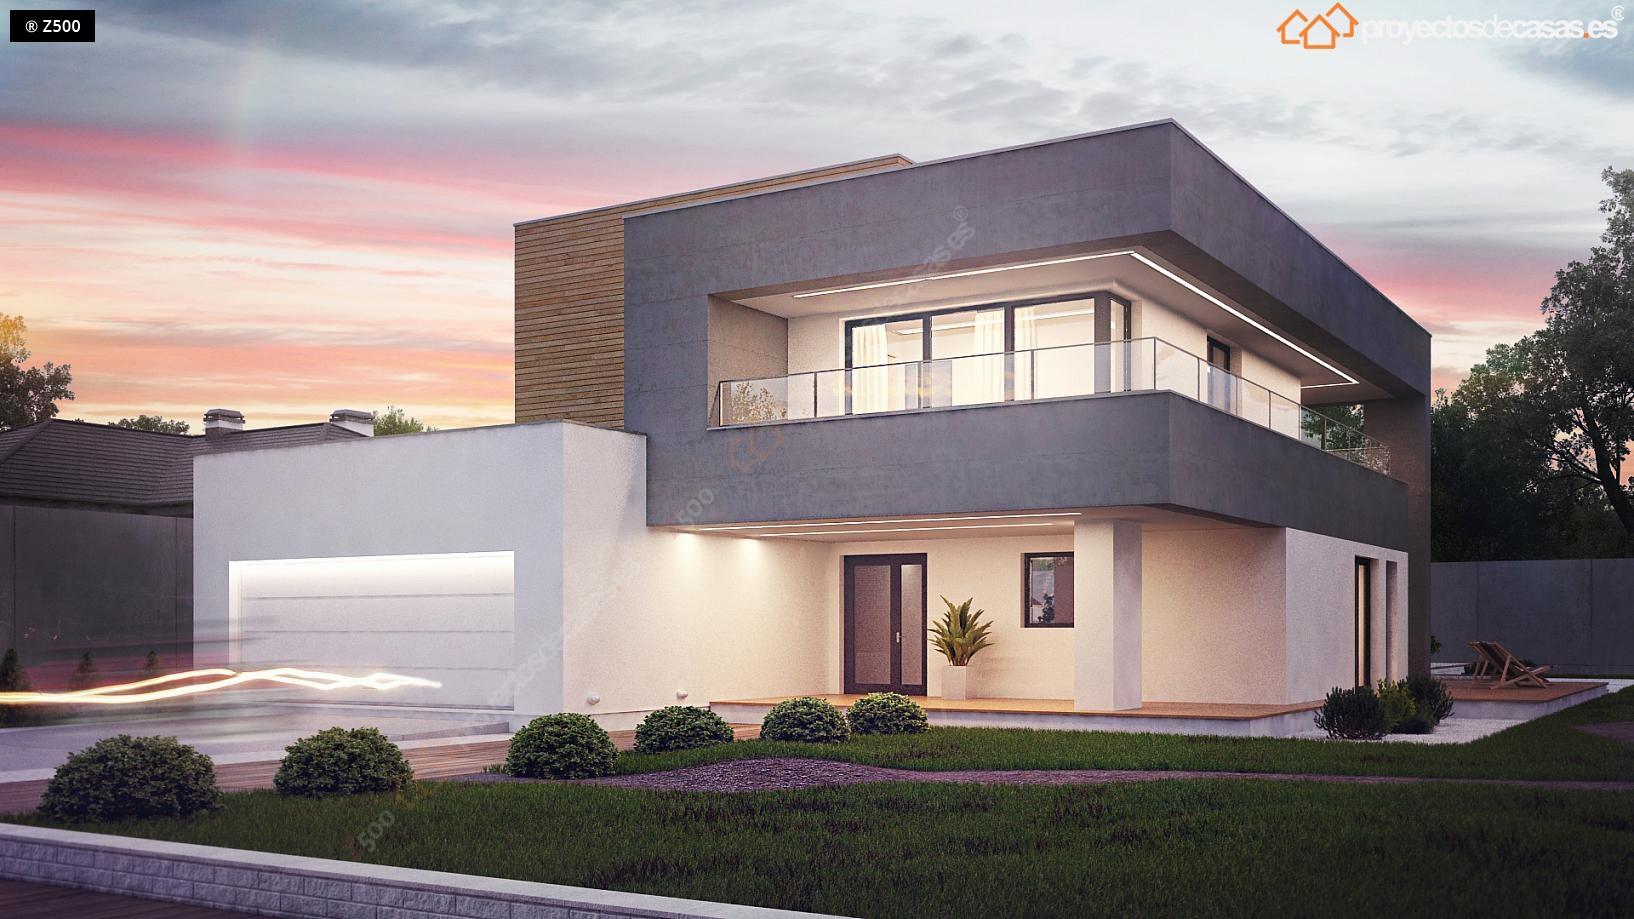 Casas modernas dise o y construcci n casa alicante for Viviendas modernas de una planta